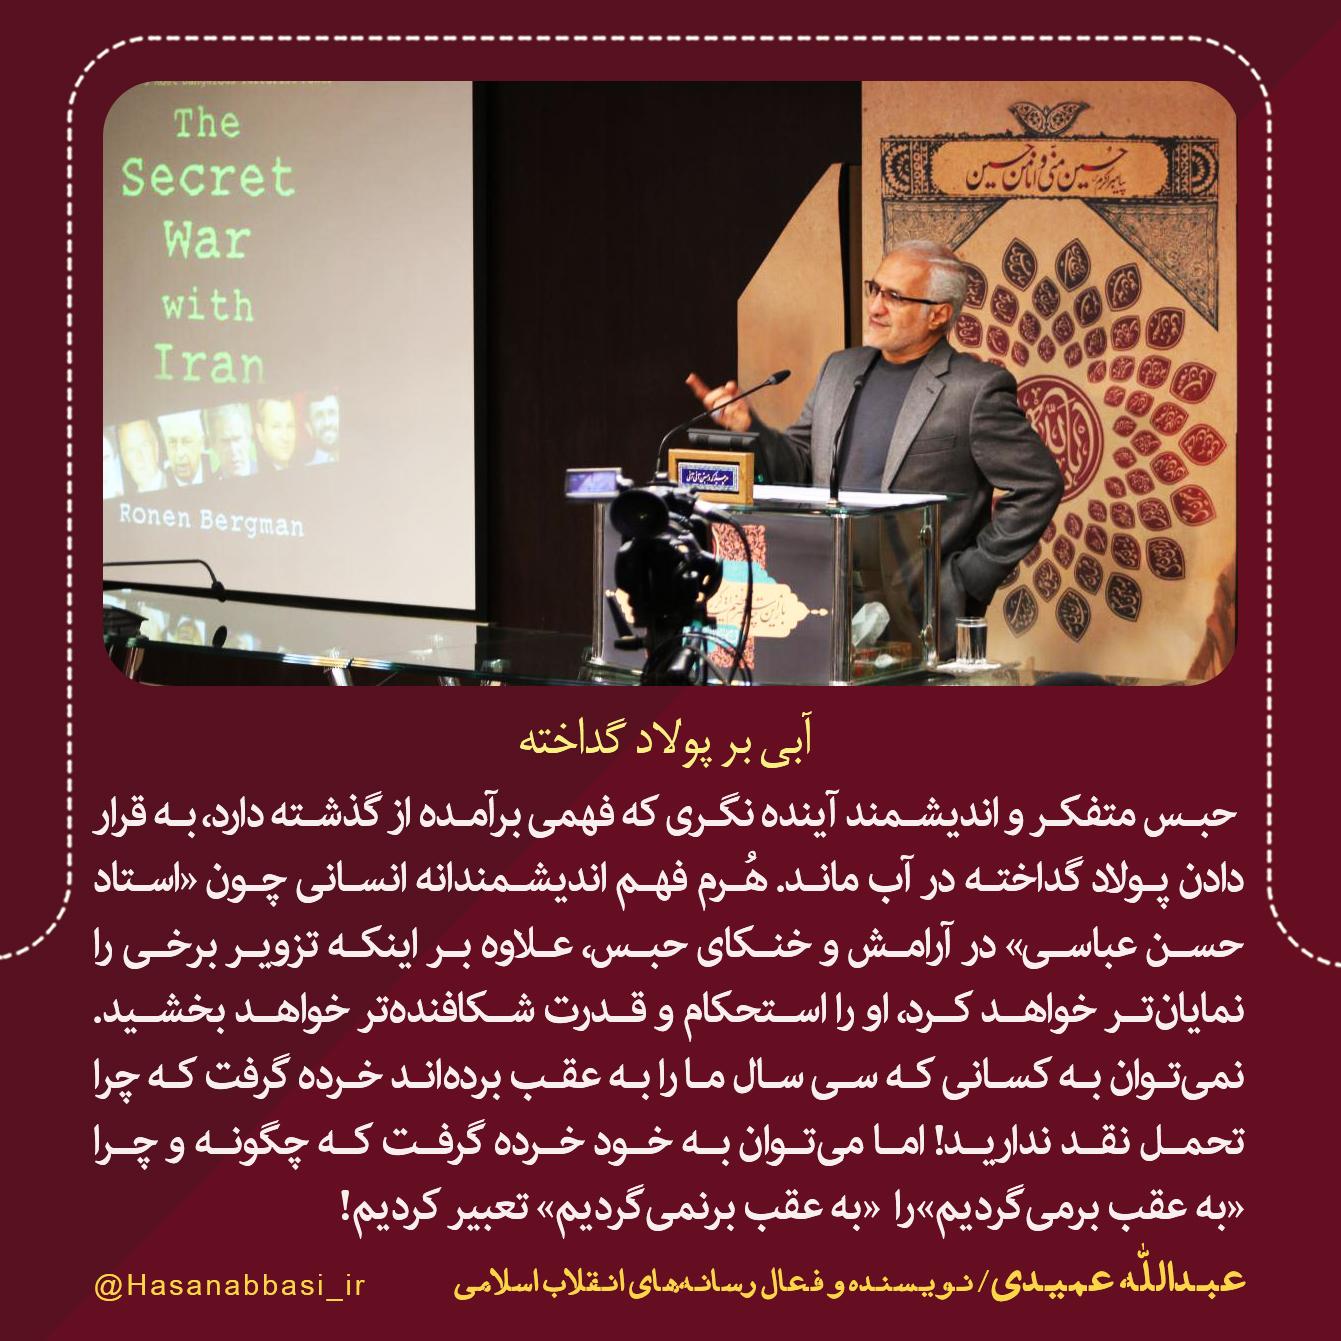 %D8%B9%D9%85%DB%8C%D8%AF%DB%8C مواضع جمعی از اهالی هنر و همچنين رسانه انقلاب در خصوص حکم حبس استاد حسن عباسی